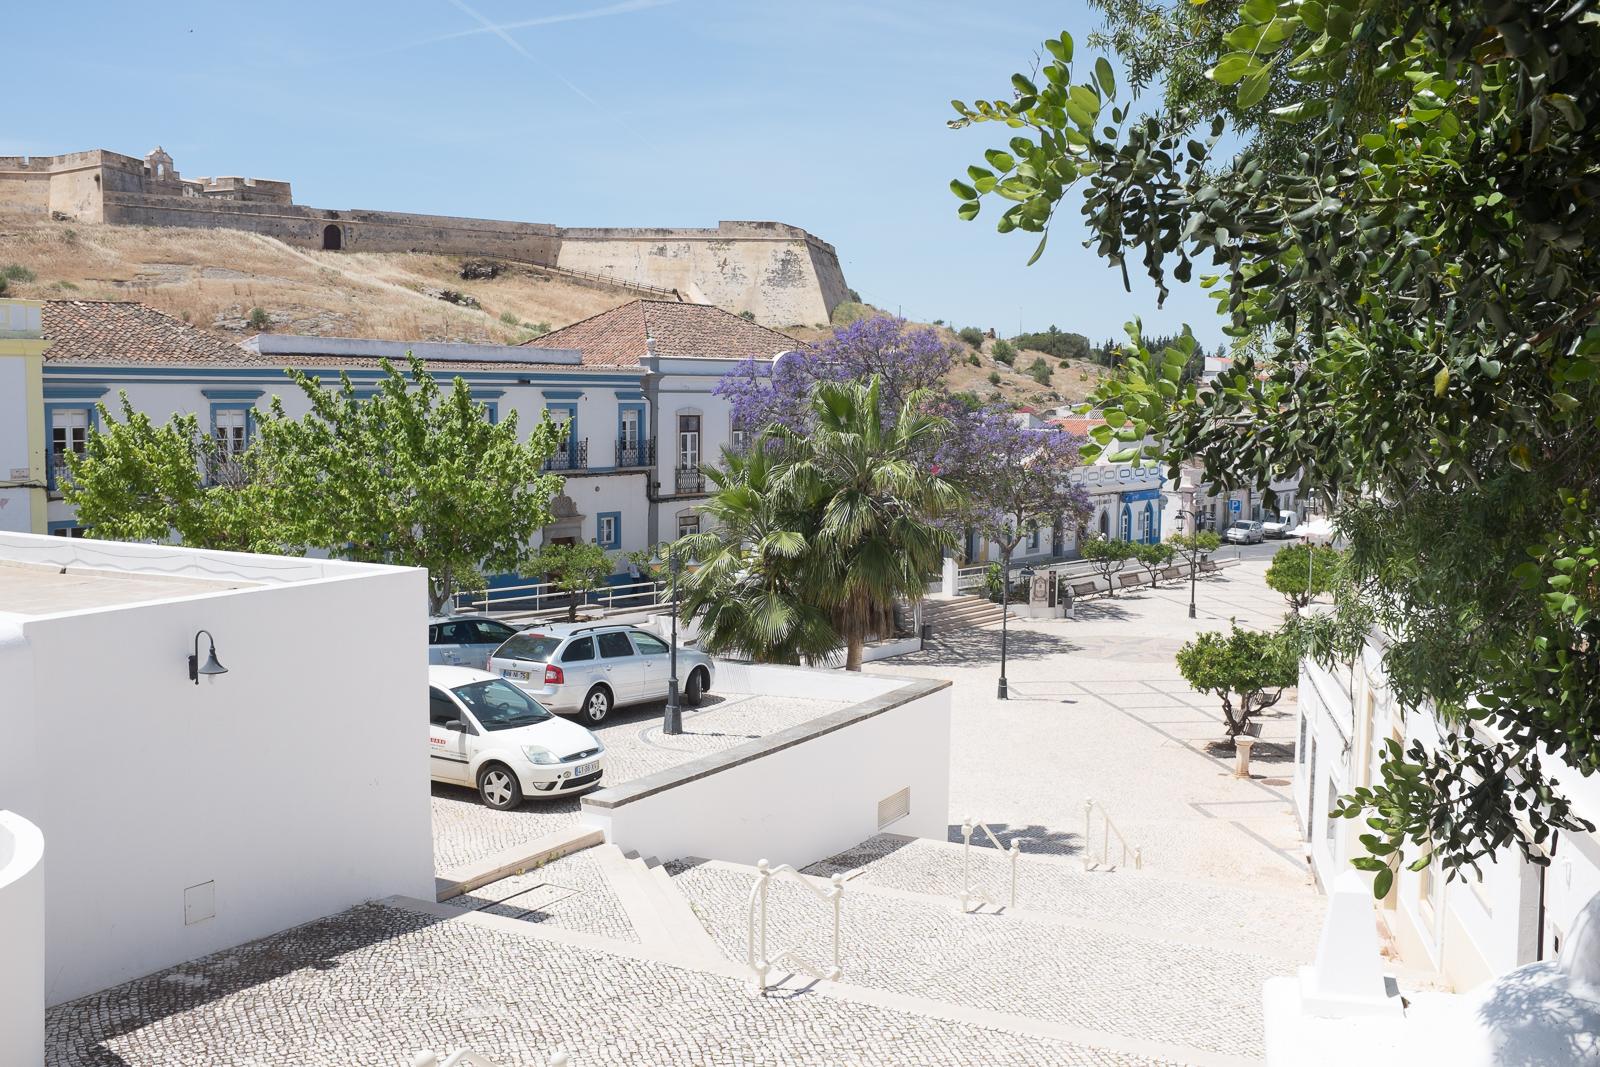 Dag05-Algarve-009-DSCF1824